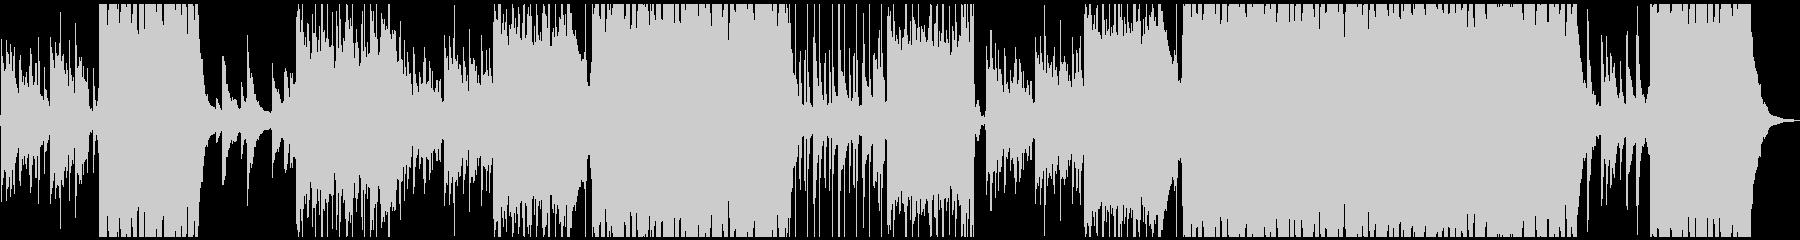 ピアノとシンセリードが印象的なエレクトロの未再生の波形